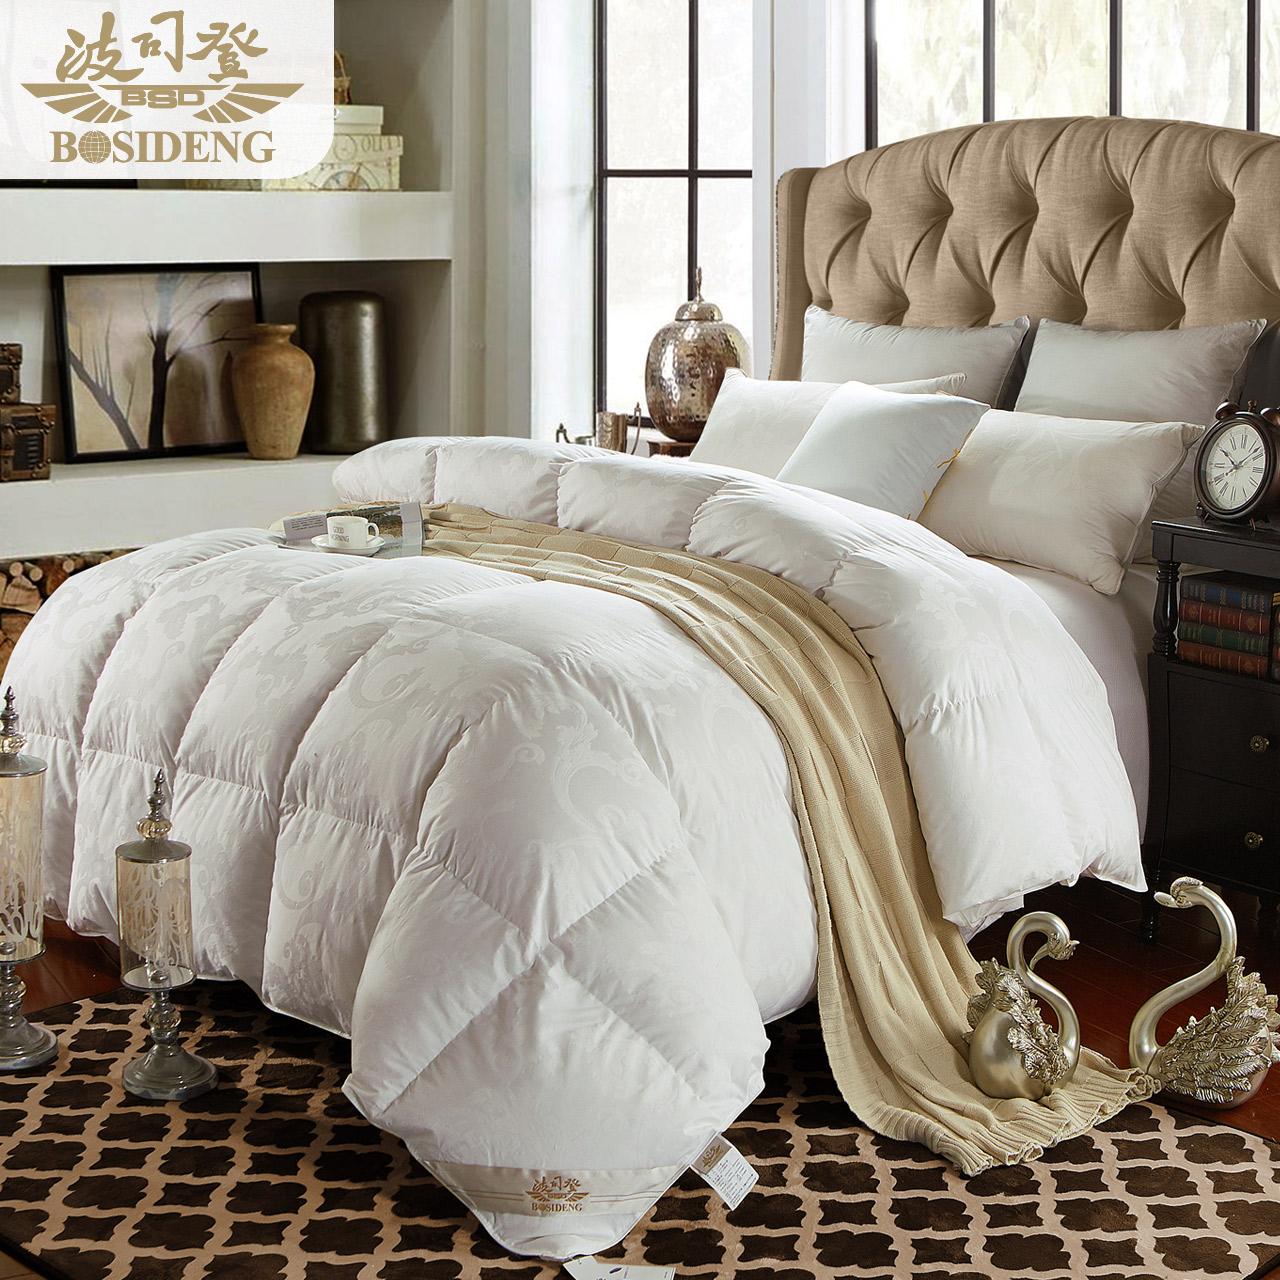 波司登家纺精致全棉提花 90%白鹅绒羽绒被 冬被春秋被加厚保暖